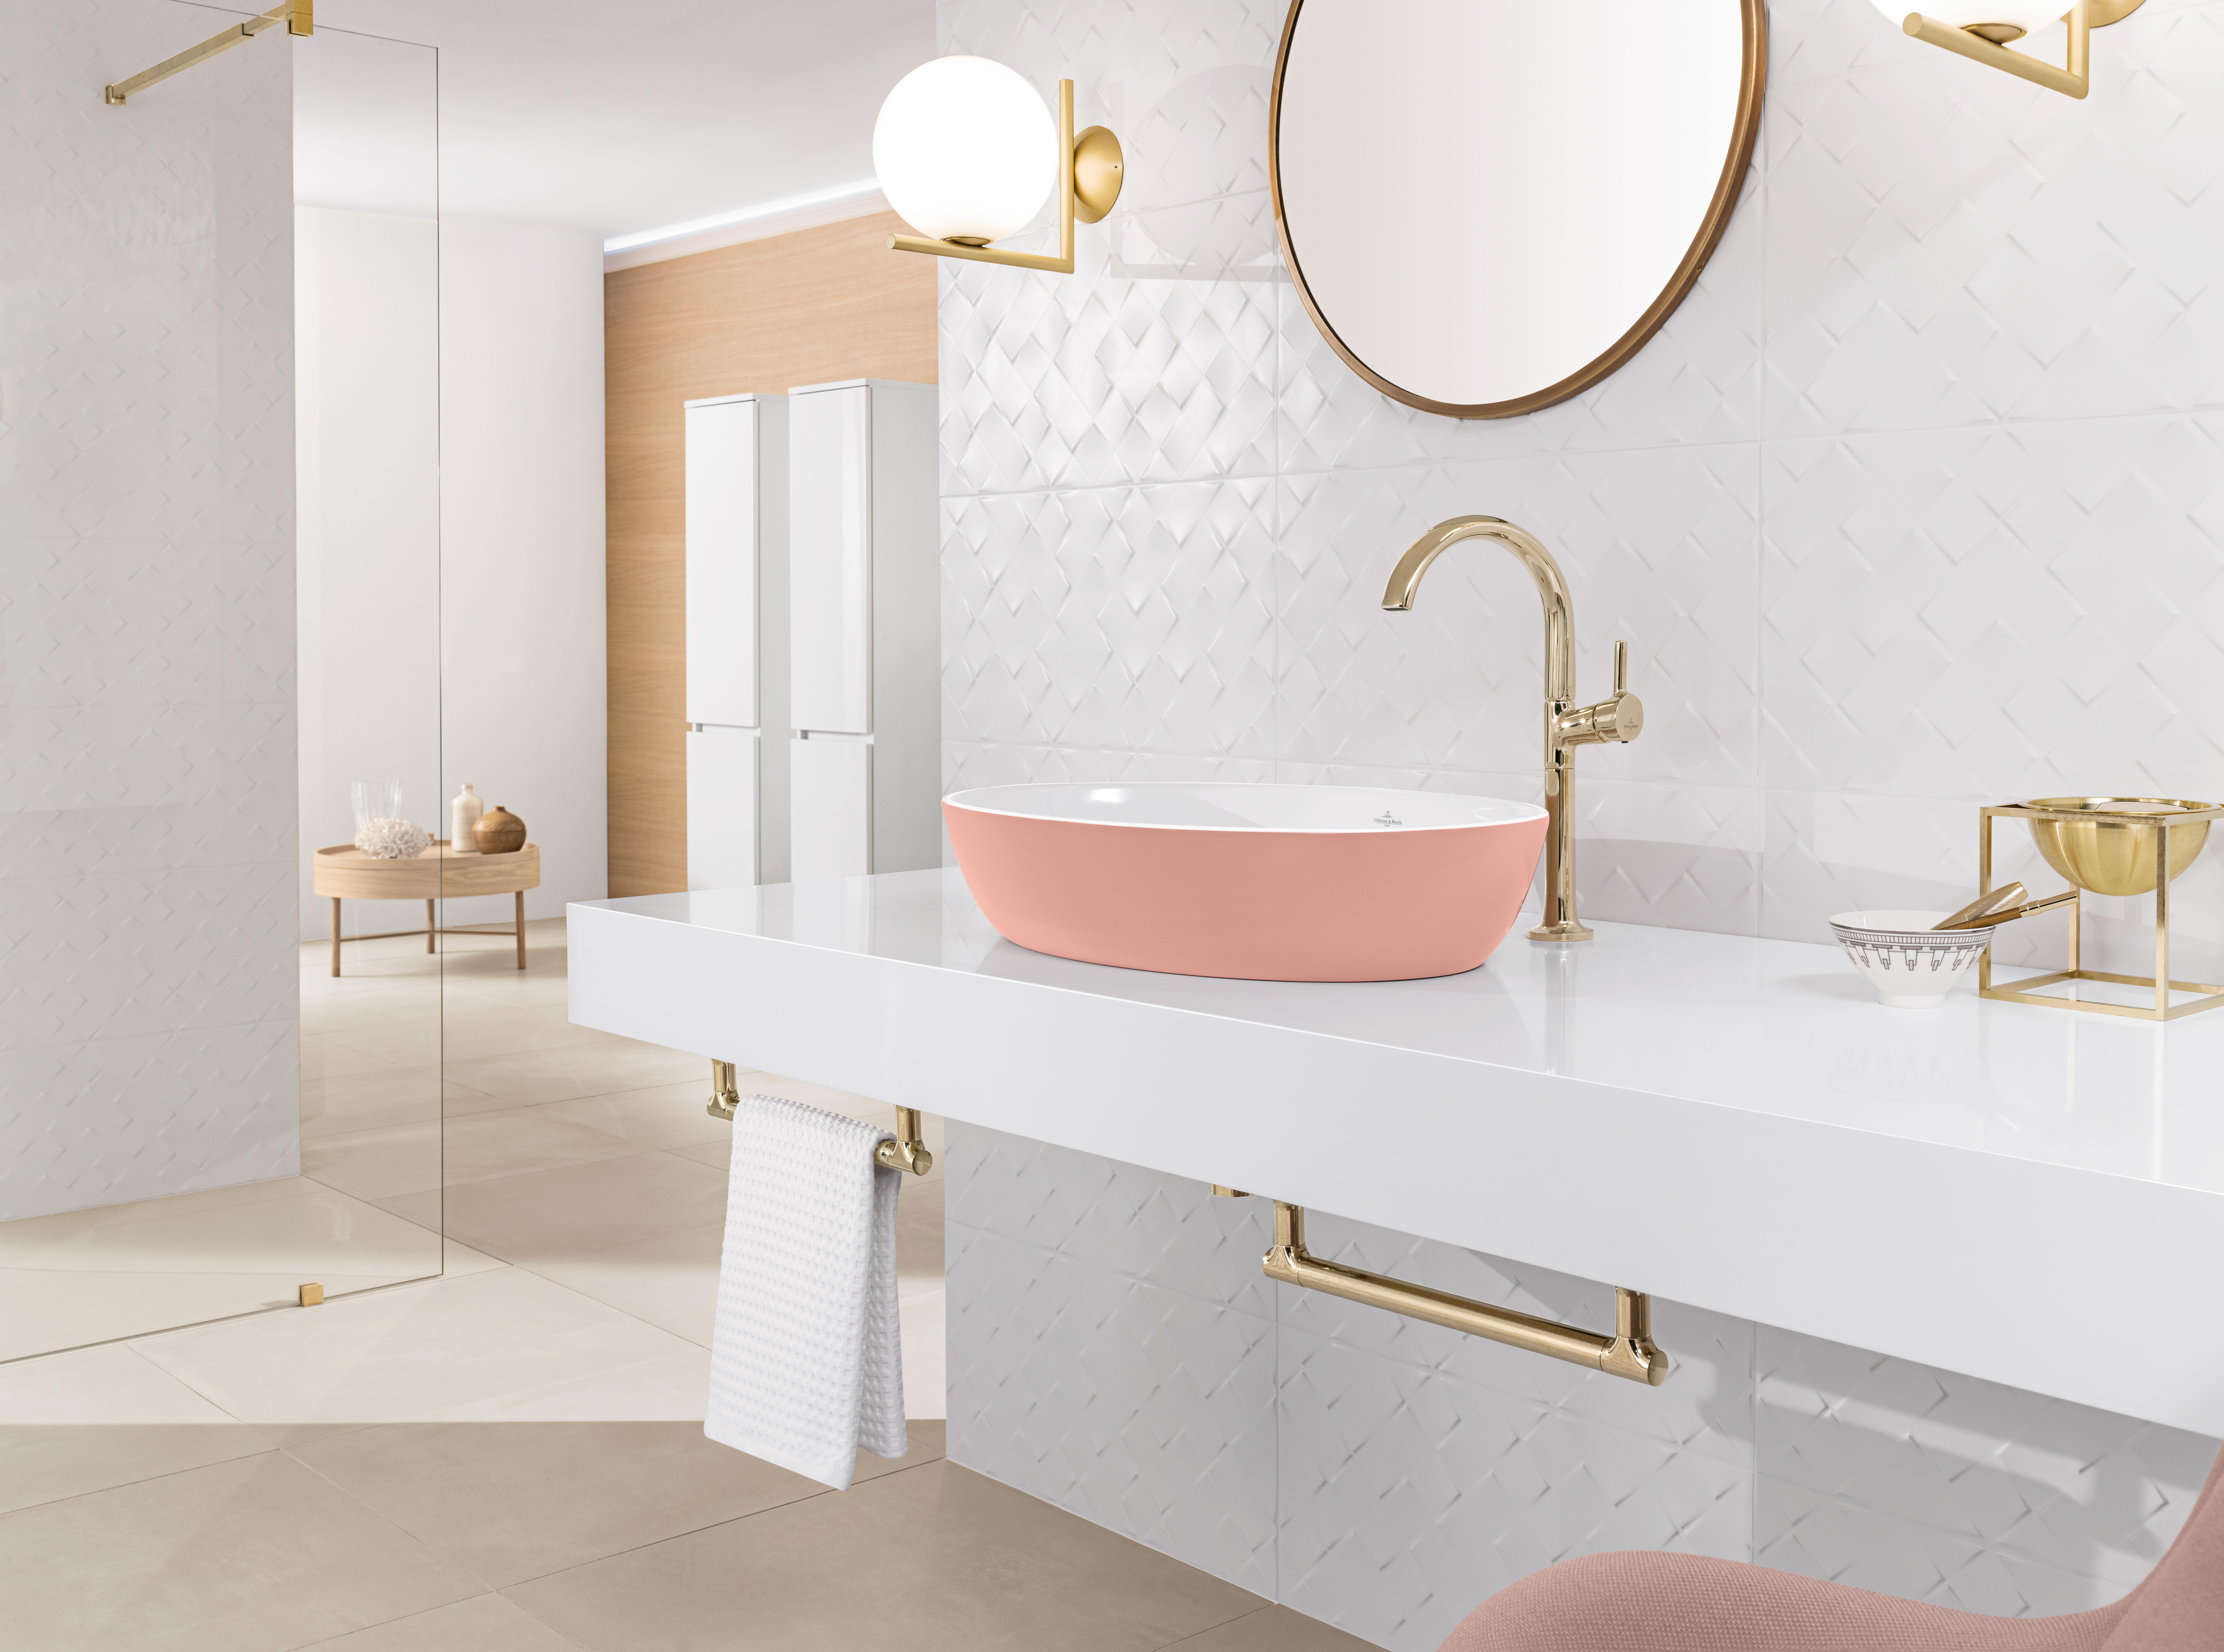 Artis Washbasins, Surface-mounted Washbasin, Surface-mounted washbasins